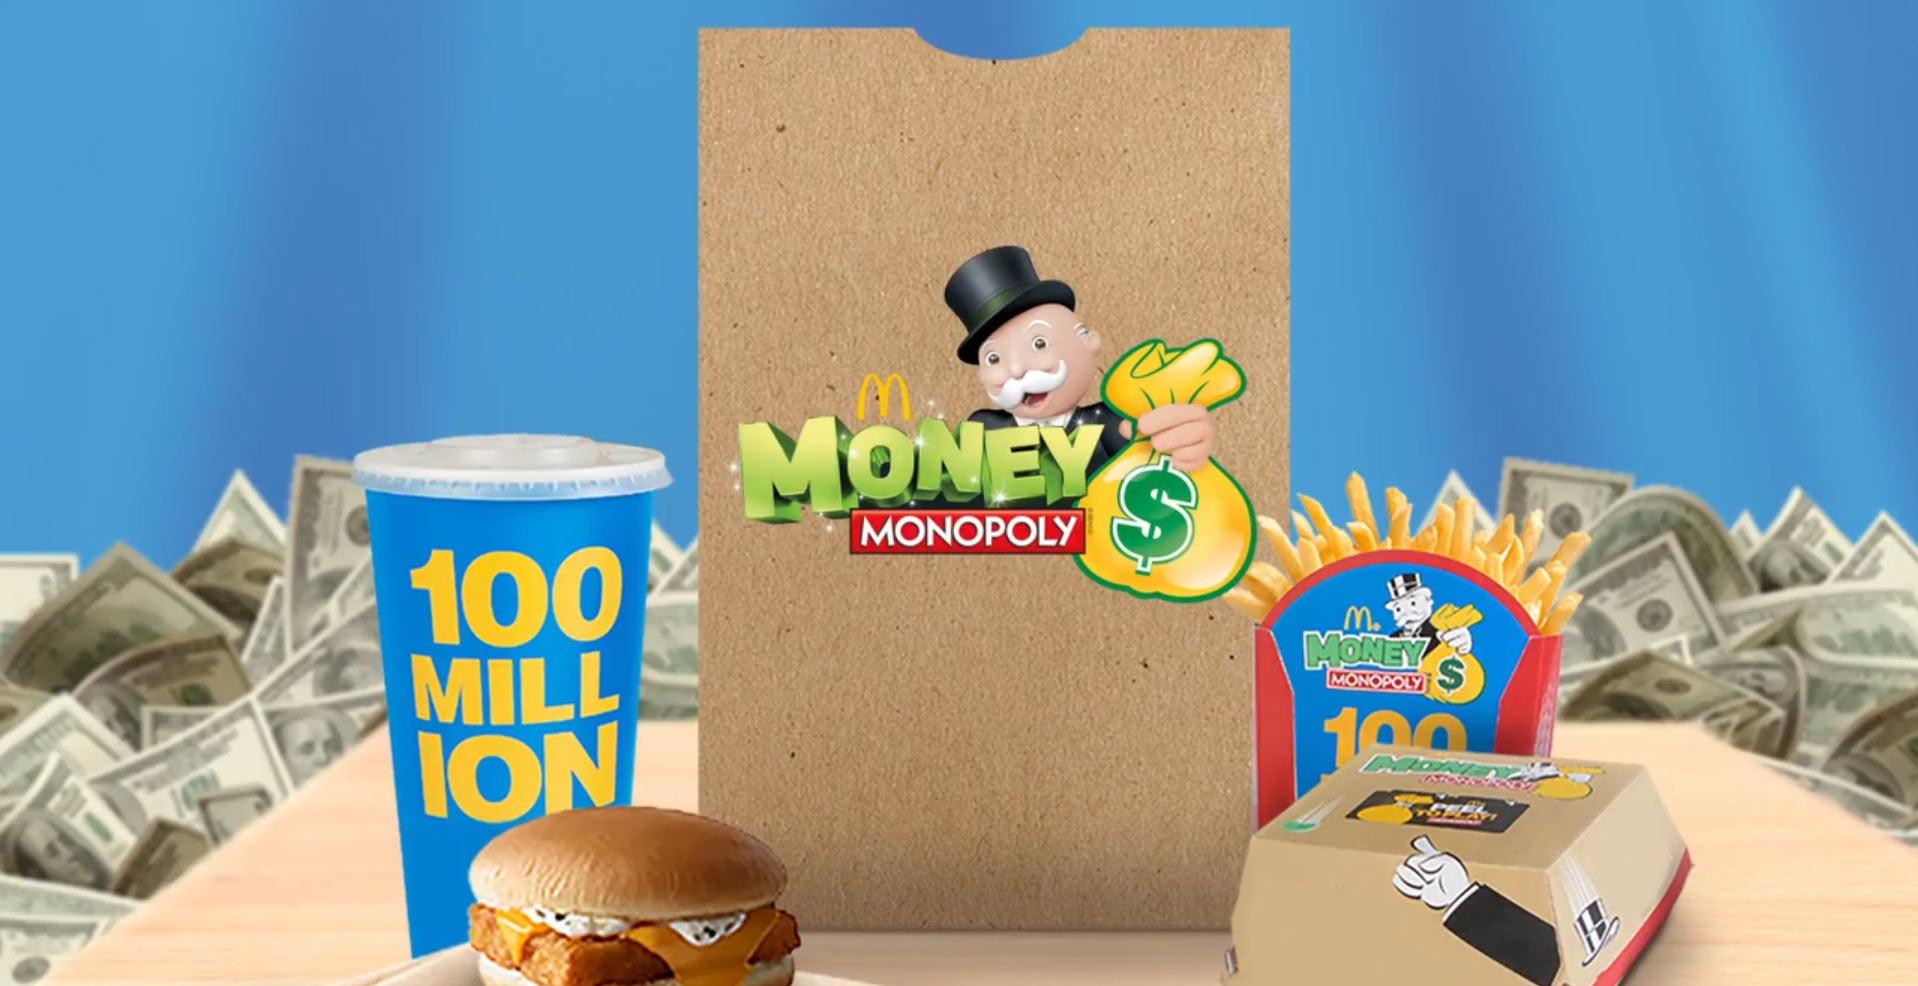 McDonalds-Monopoly-